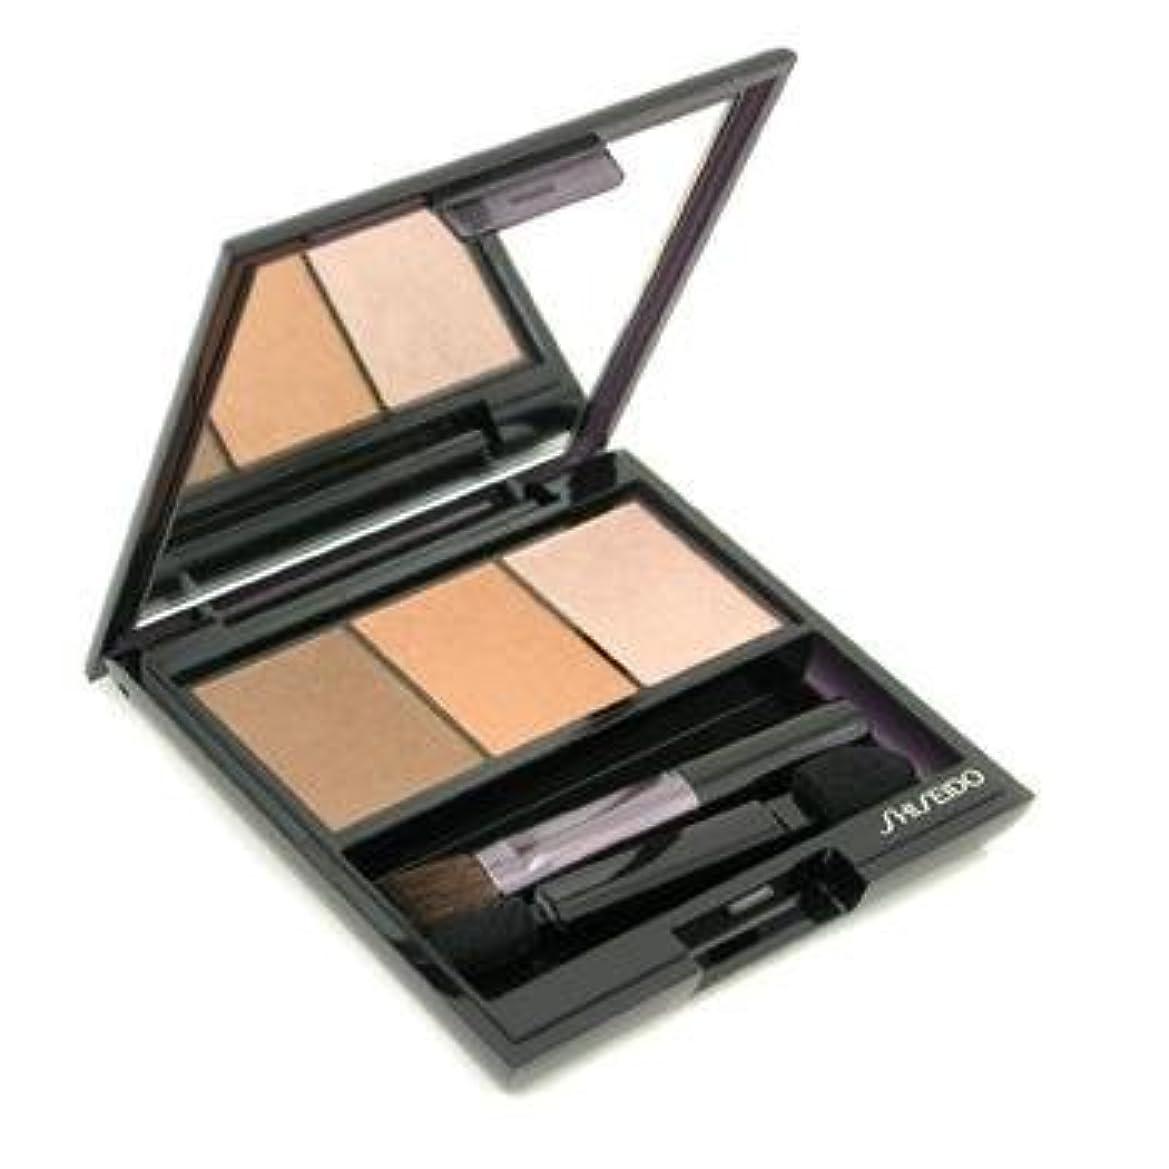 反論コミットメントデンプシー資生堂 ルミナイジング サテン アイカラー トリオ BR209(Shiseido Luminizing Satin Eye Color Trio BR209) [並行輸入品]